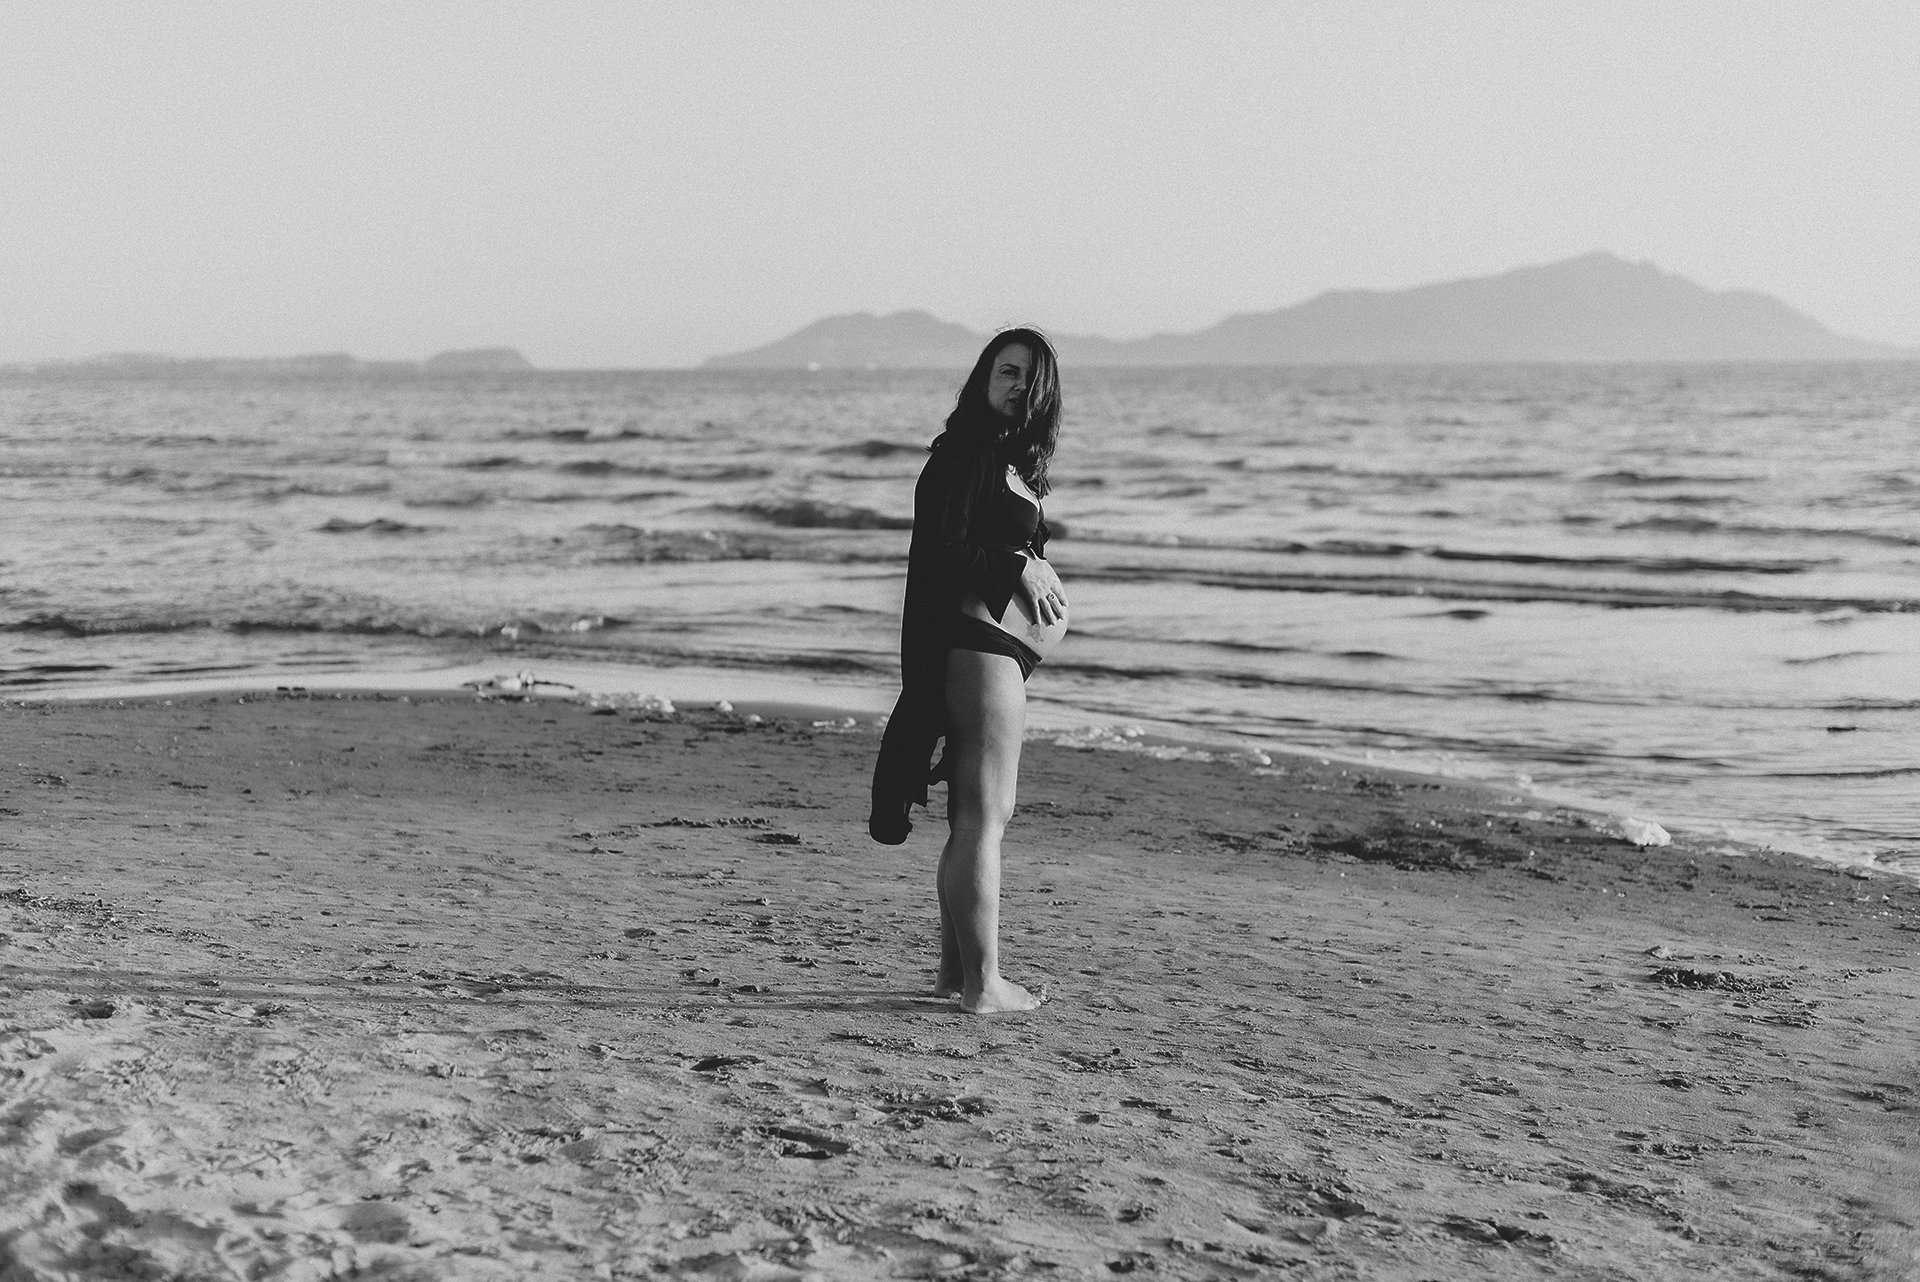 Donna incinta spiaggia realizzata da Barbara Trincone Fotografo specializzato in Gravidanza, Maternità, Genitorialità, Nascita e Newborn a Napoli, Caserta, Avellino, Salerno